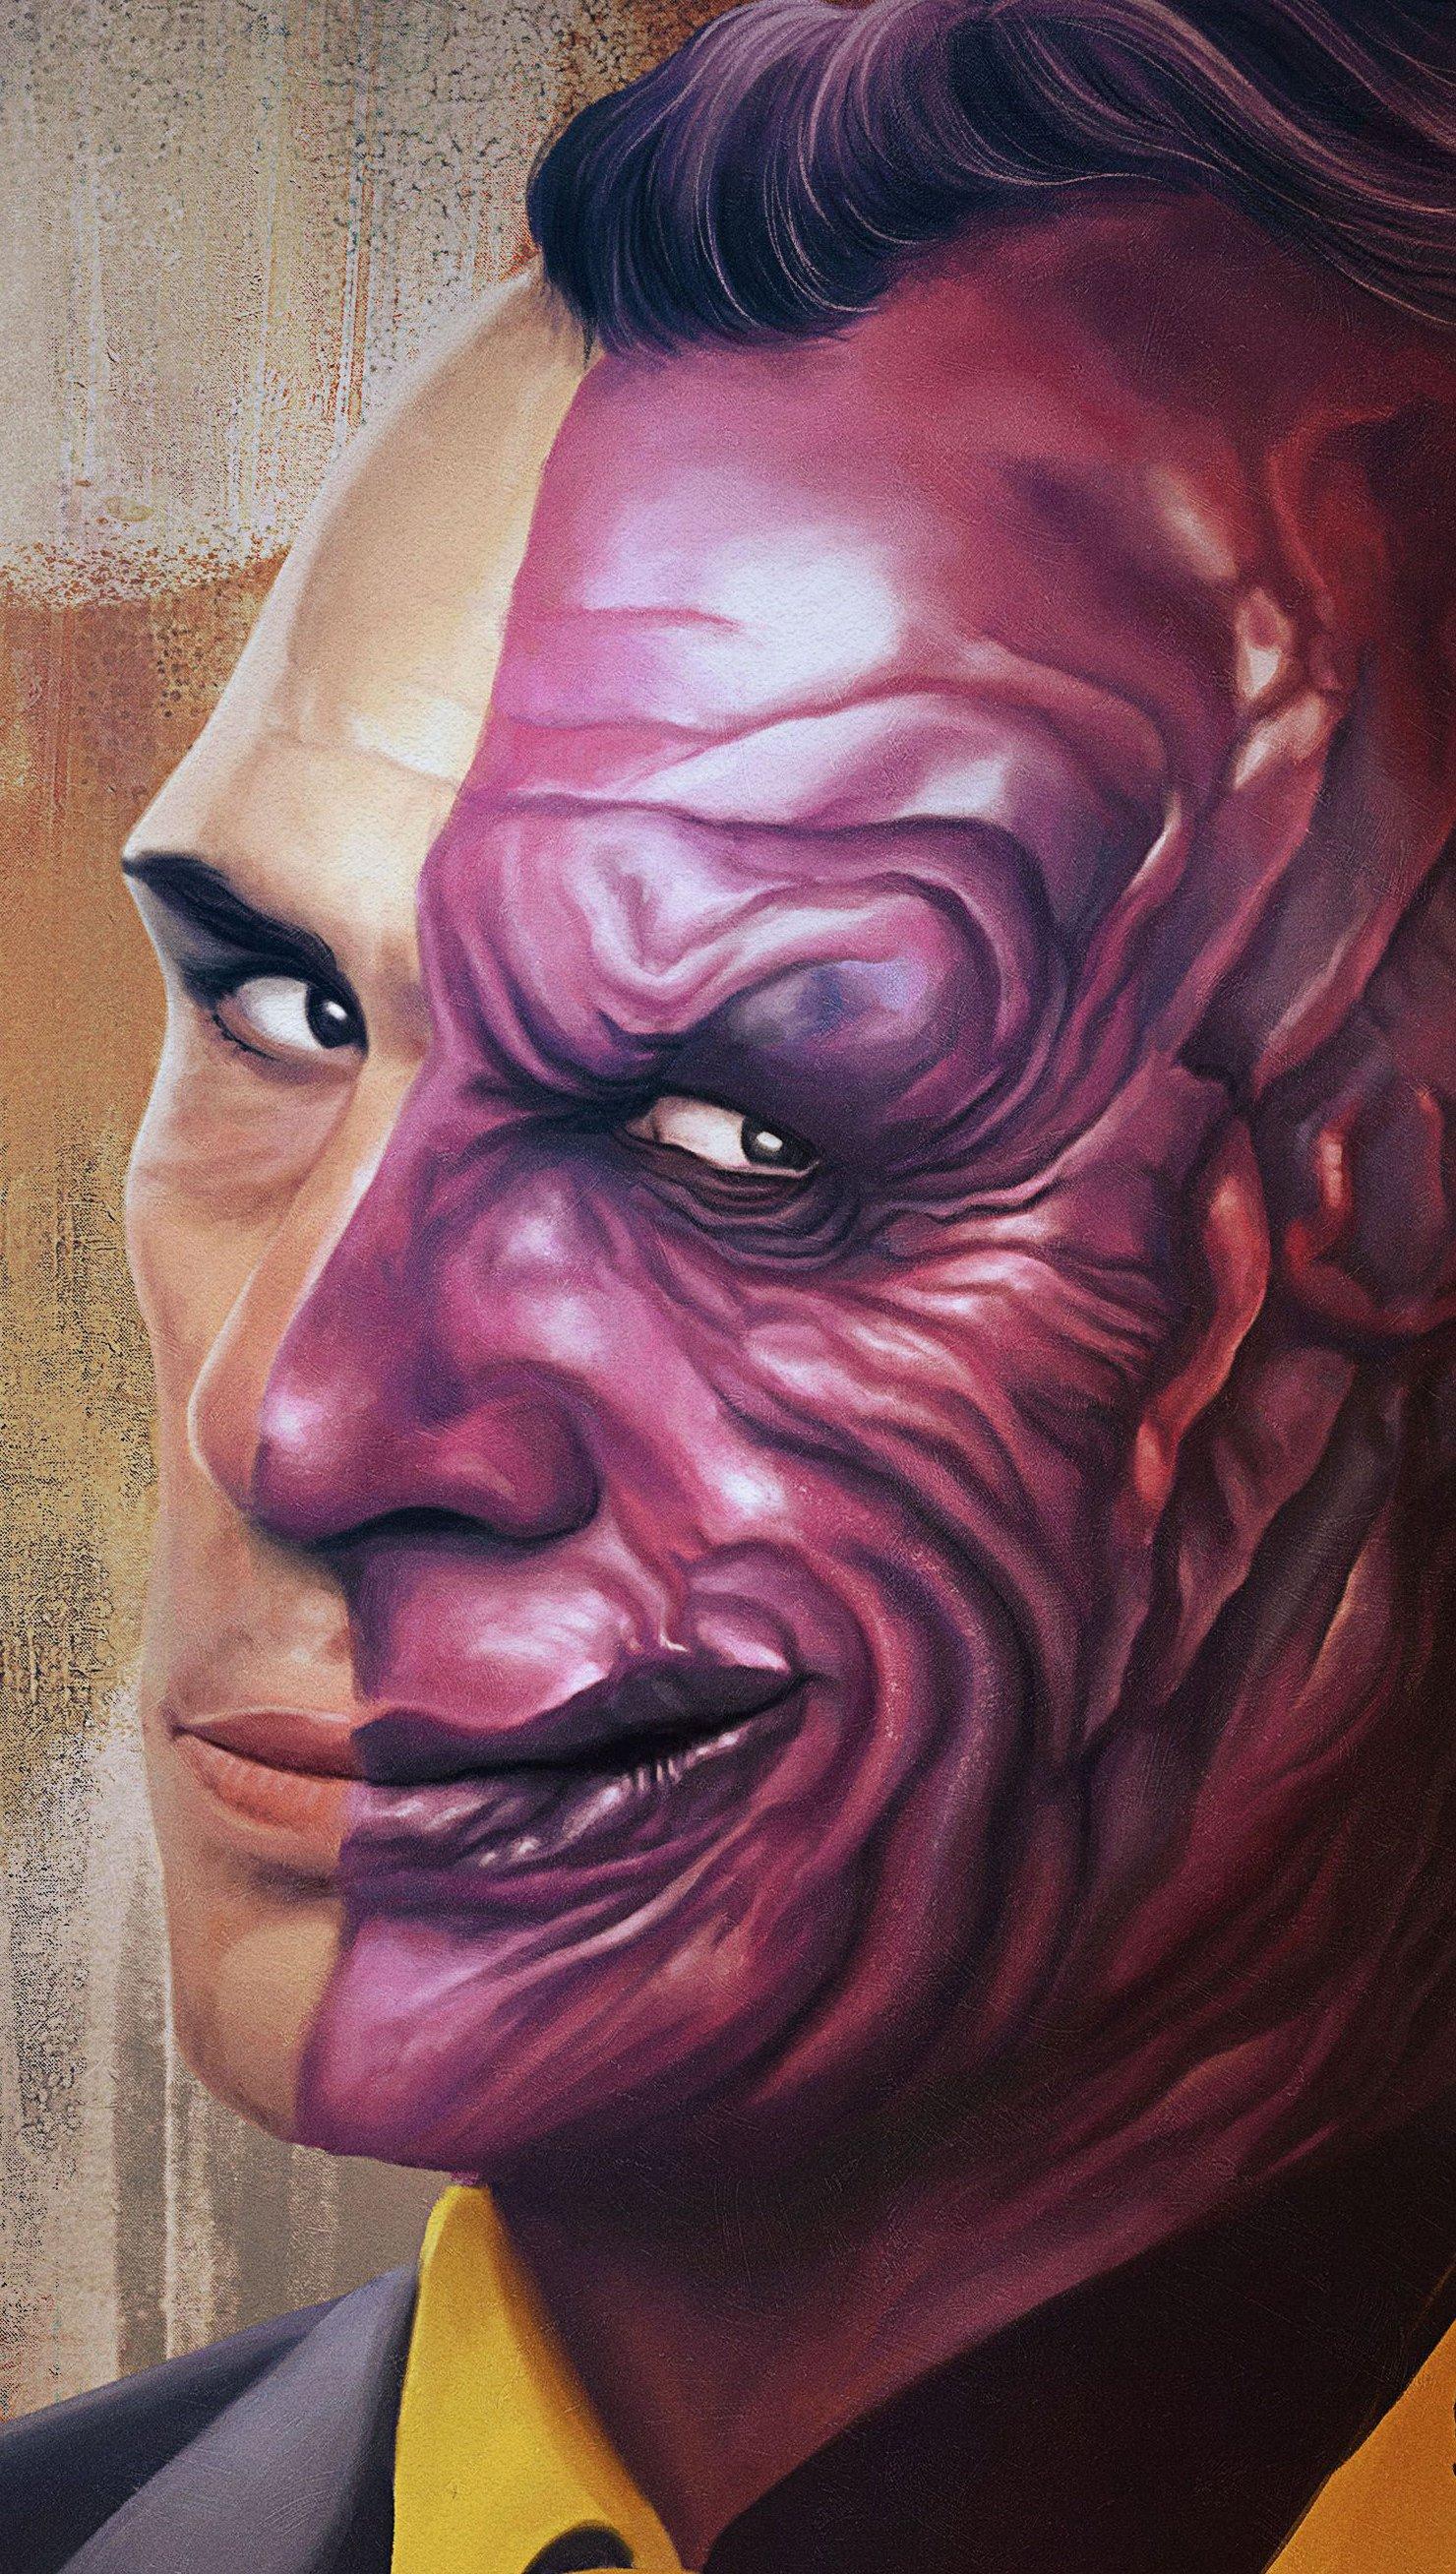 Wallpaper Supervillain Two Face Vertical